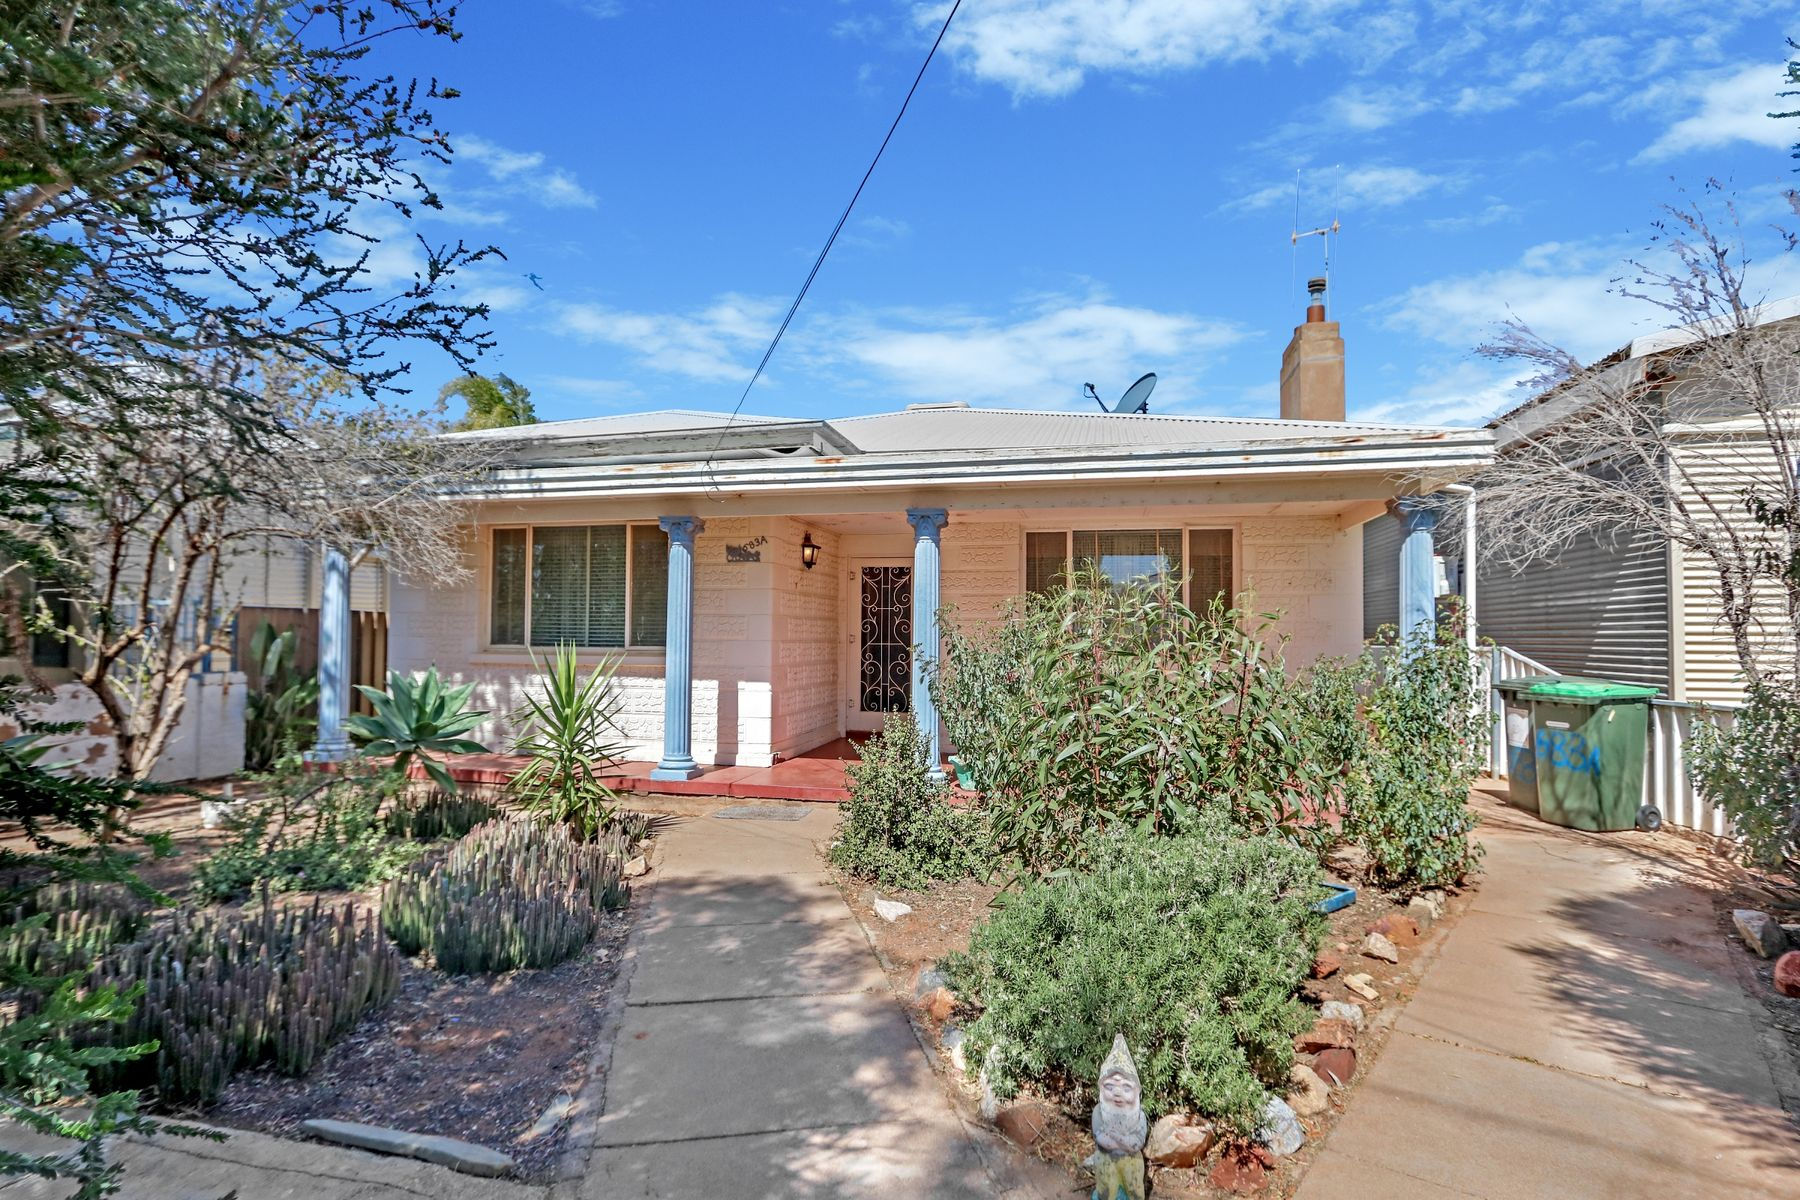 683A Blende Street, Broken Hill, NSW 2880